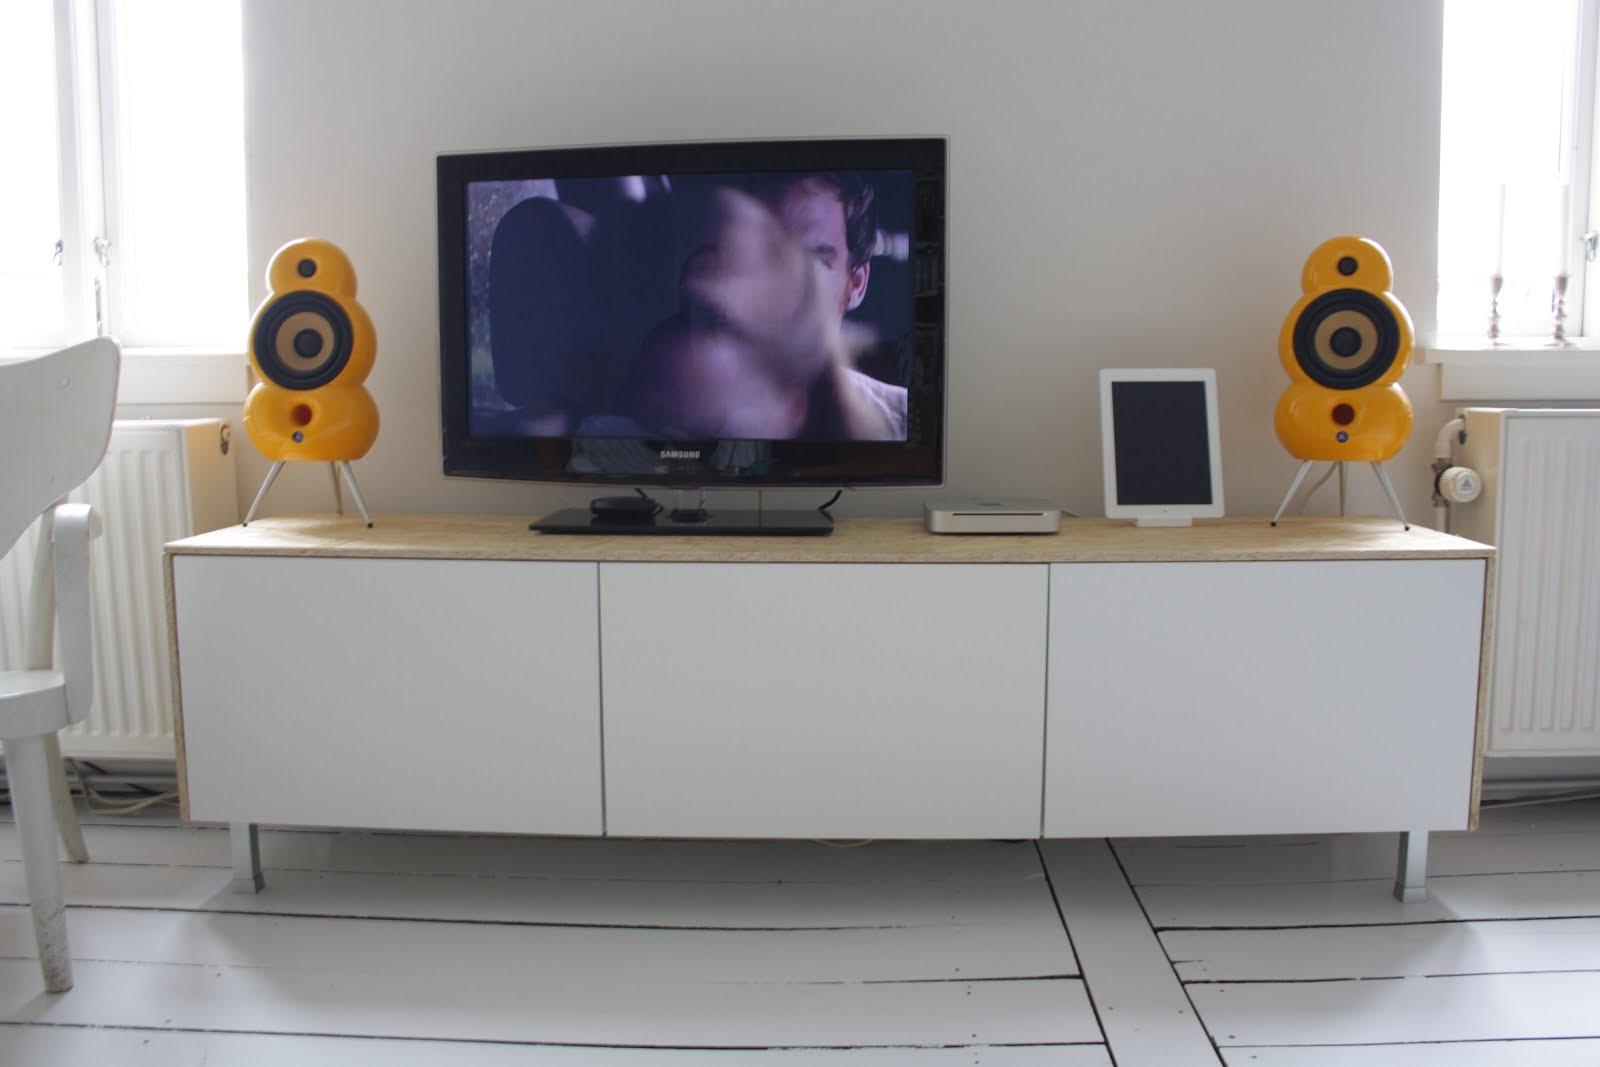 Clean, sleek media console from Besta - IKEA Hackers